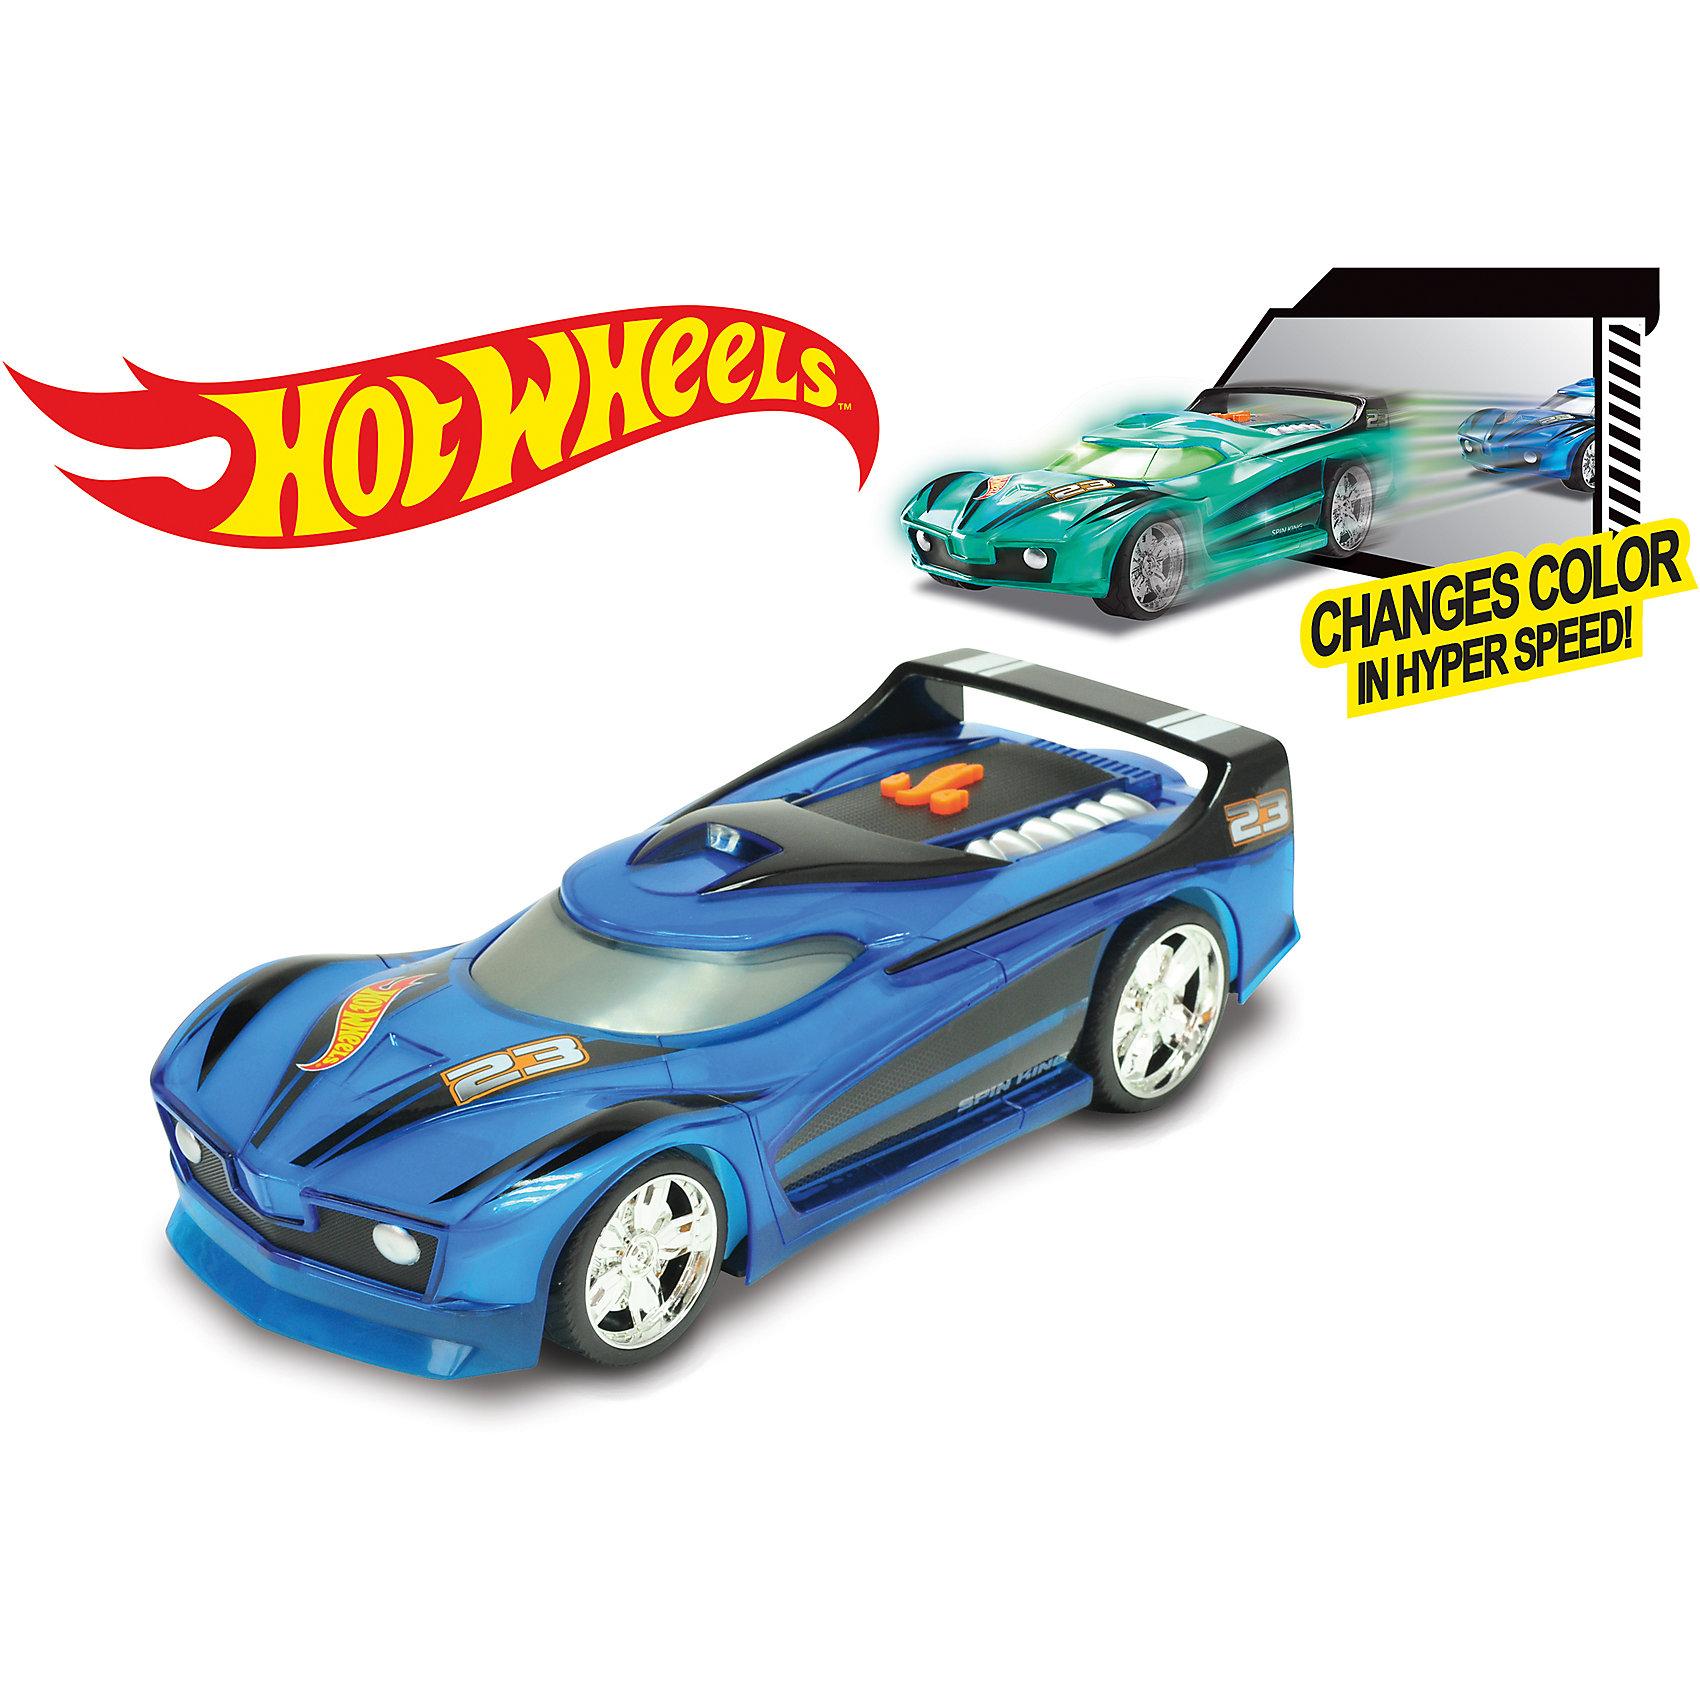 Электромеханическая машинка, синяя, 25 см, Hot WheelsХарактеристики товара:<br><br>- цвет: синий;<br>- материал: пластик, металл;<br>- особенности: меняет цвет при движении, со звуковыми и световыми эффектами;<br>- вес: 600 г;<br>- размер упаковки: 31х13х13;<br>- батарейки 3хААA;<br>- размер машинки: 25 см.<br><br>Какой мальчишка откажется поиграть с машинкой Hot Wheels, которая выглядит как настоящая?! Машинка меняет цвет при движении и запускается нажатием кнопки. Игрушка отлично детализирована, очень качественно выполнена, поэтому она станет отличным подарком ребенку. Продается в красивой упаковке.<br>Изделия произведены из высококачественного материала, безопасного для детей.<br><br>Электромеханическую машинку Hot Wheels можно купить в нашем интернет-магазине.<br><br>Ширина мм: 310<br>Глубина мм: 130<br>Высота мм: 130<br>Вес г: 623<br>Возраст от месяцев: 36<br>Возраст до месяцев: 2147483647<br>Пол: Мужской<br>Возраст: Детский<br>SKU: 5066705